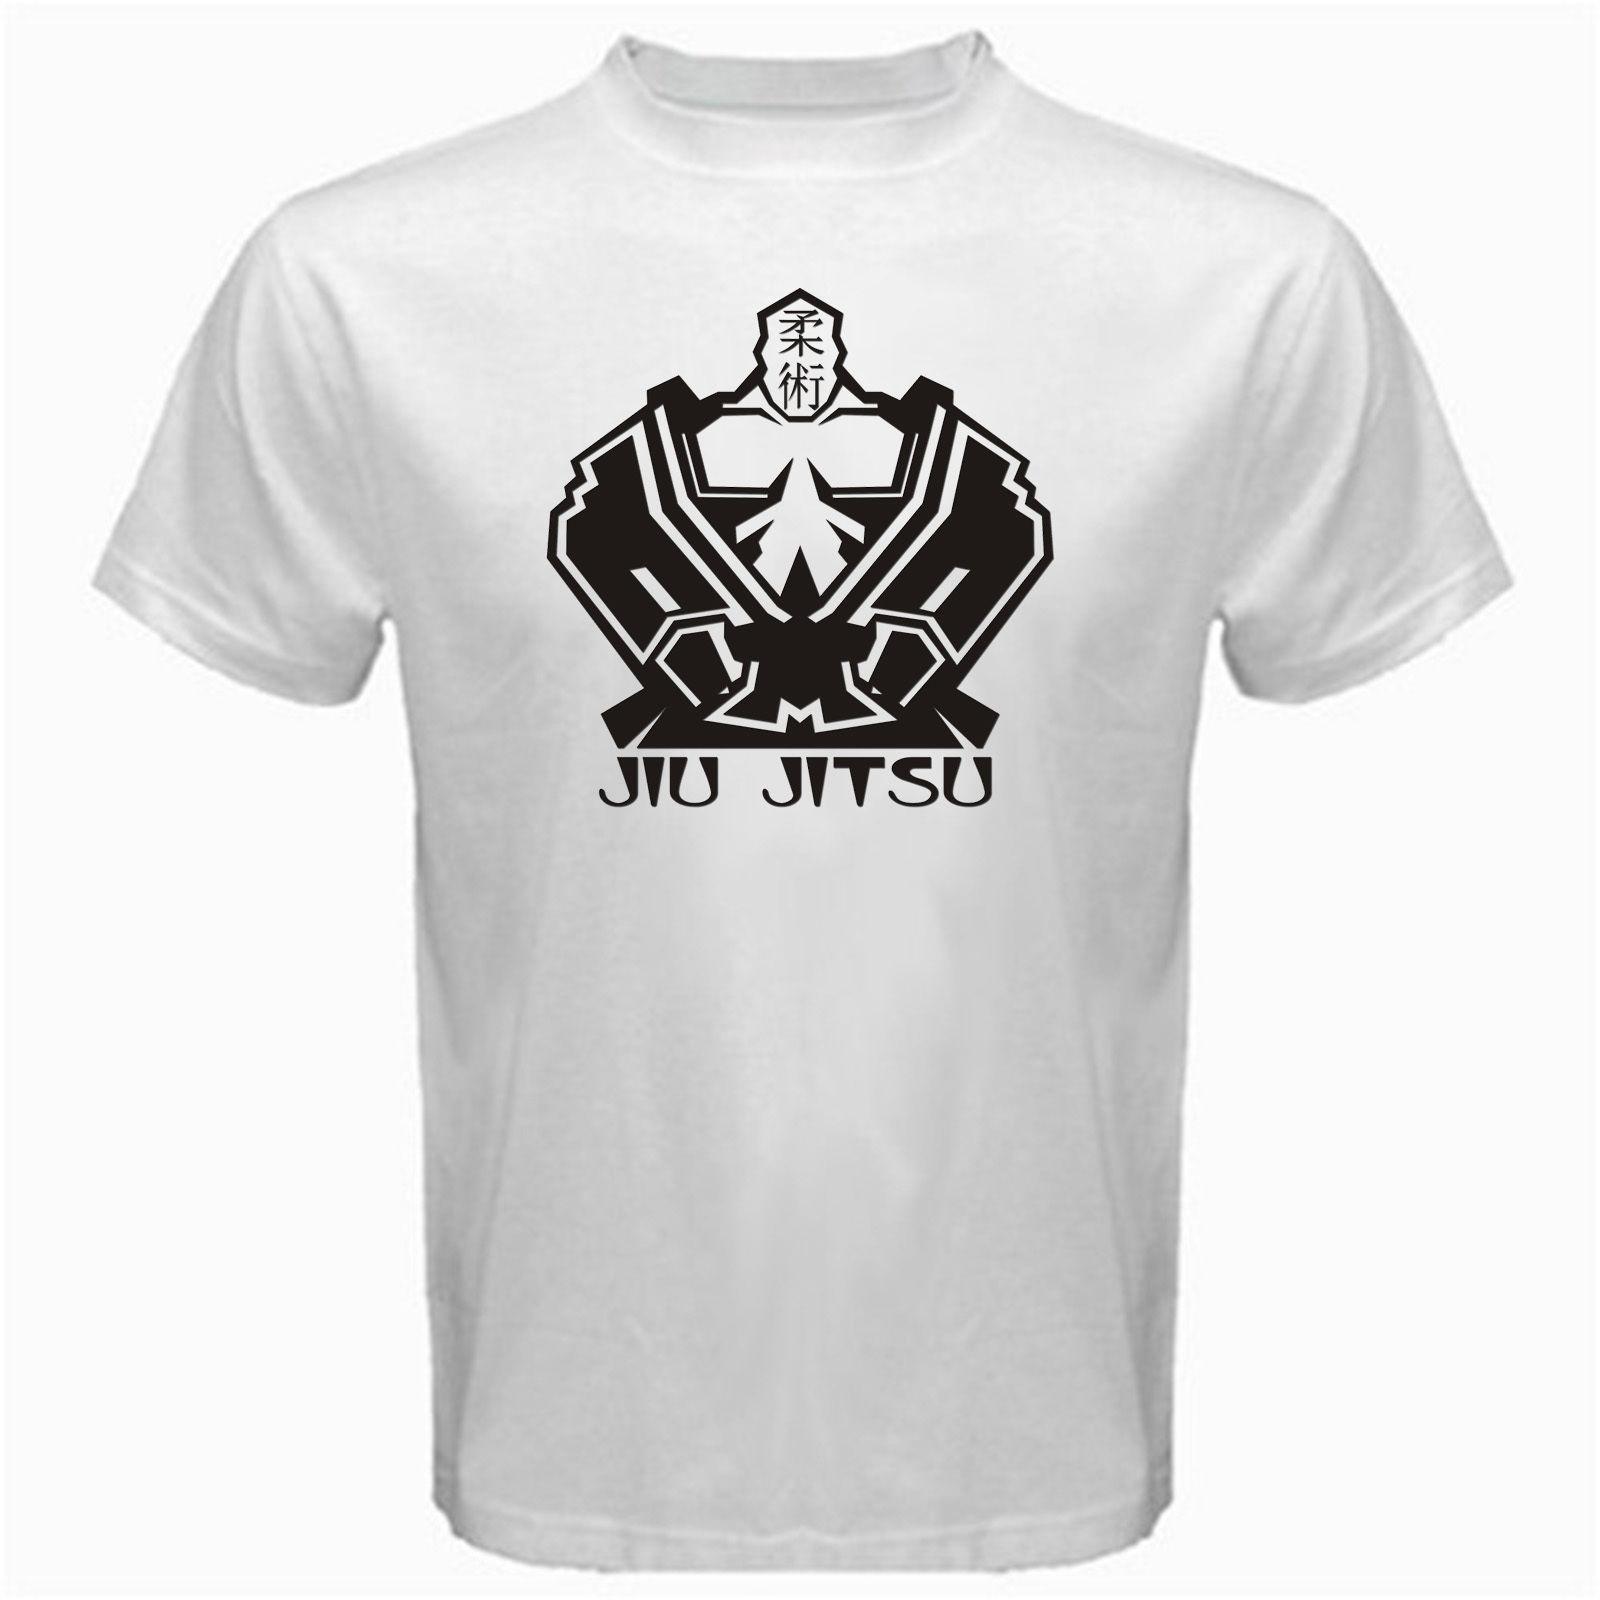 324d3bea99b Brazilian Jiu Jitsu Martial Art Jiujitsu Karate Judo Aikido T Shirt White  Long Sleeve Shirts Men Shirts From Bstdhgate